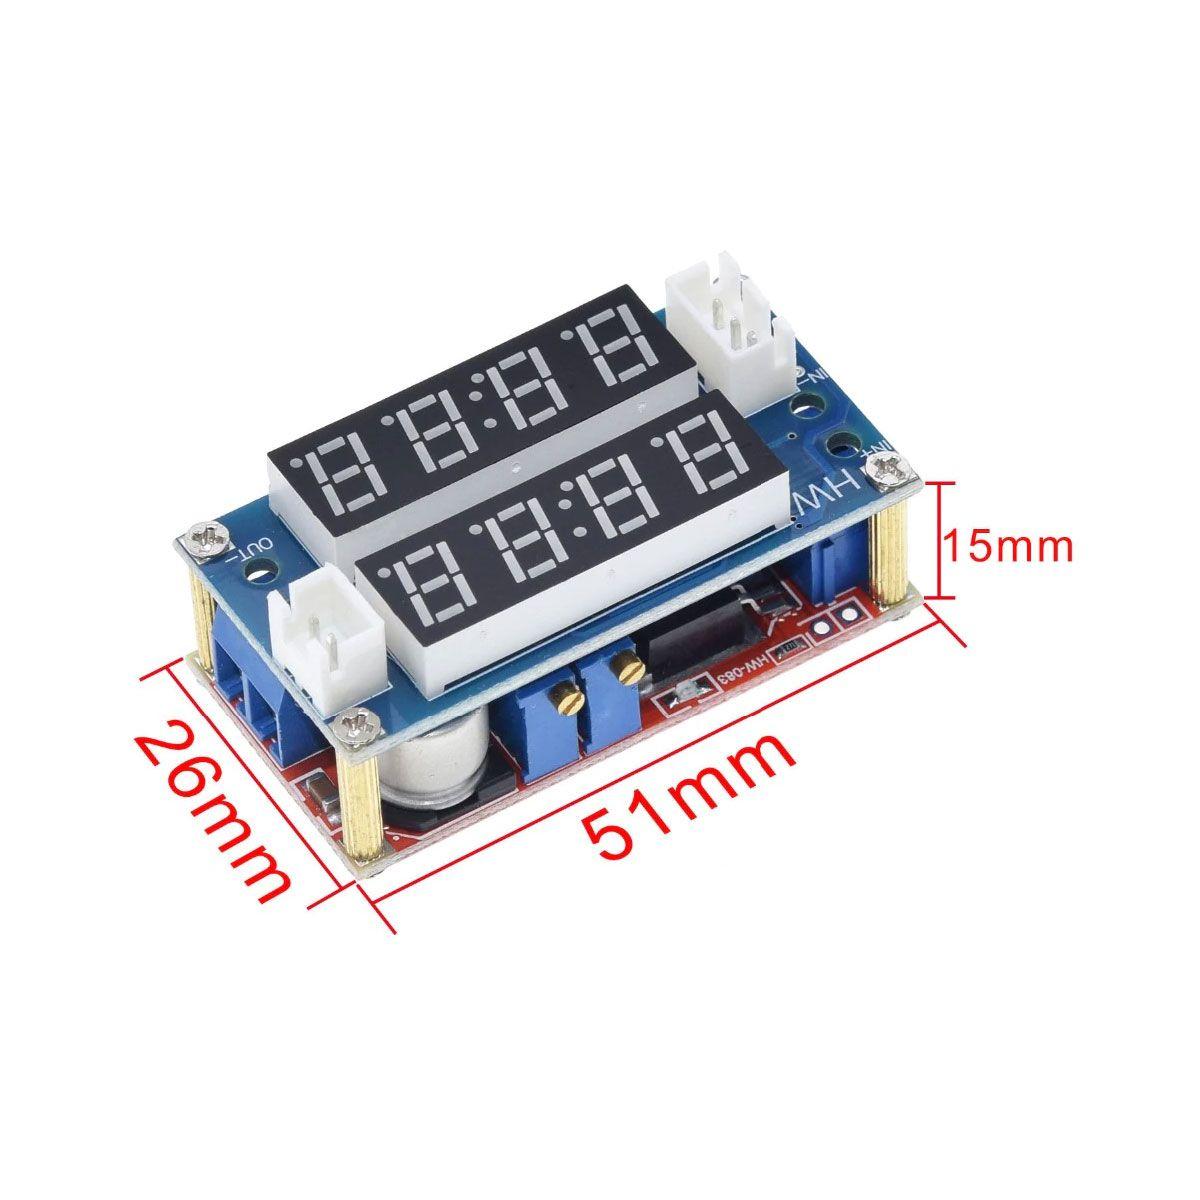 Regulador de Tensão XL4015 com Display 5A DC DC Voltímetro e Amperímetro - Step Down